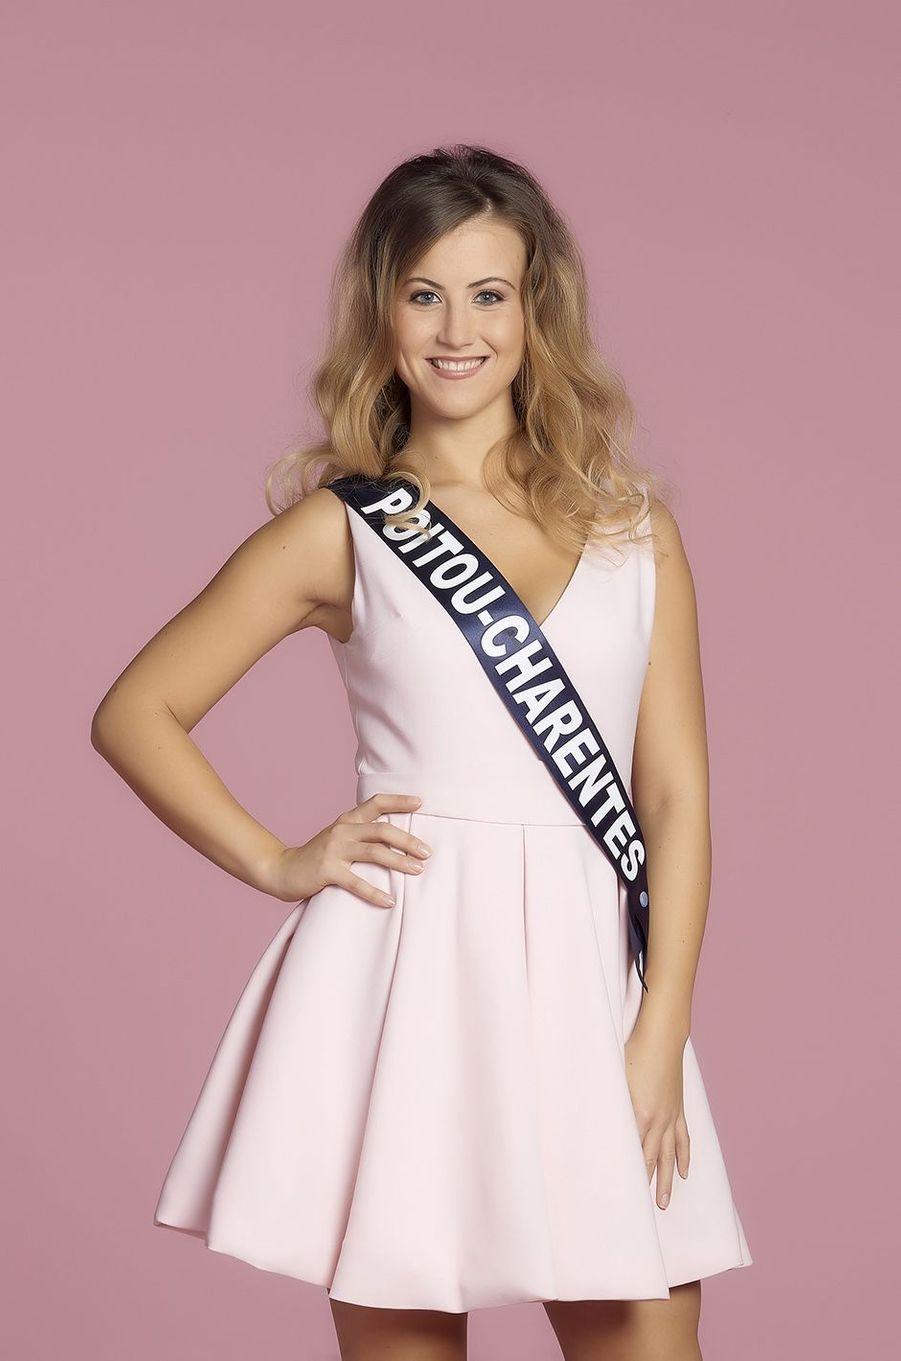 Ophélie Forgit, Miss Poitou-Charentes.